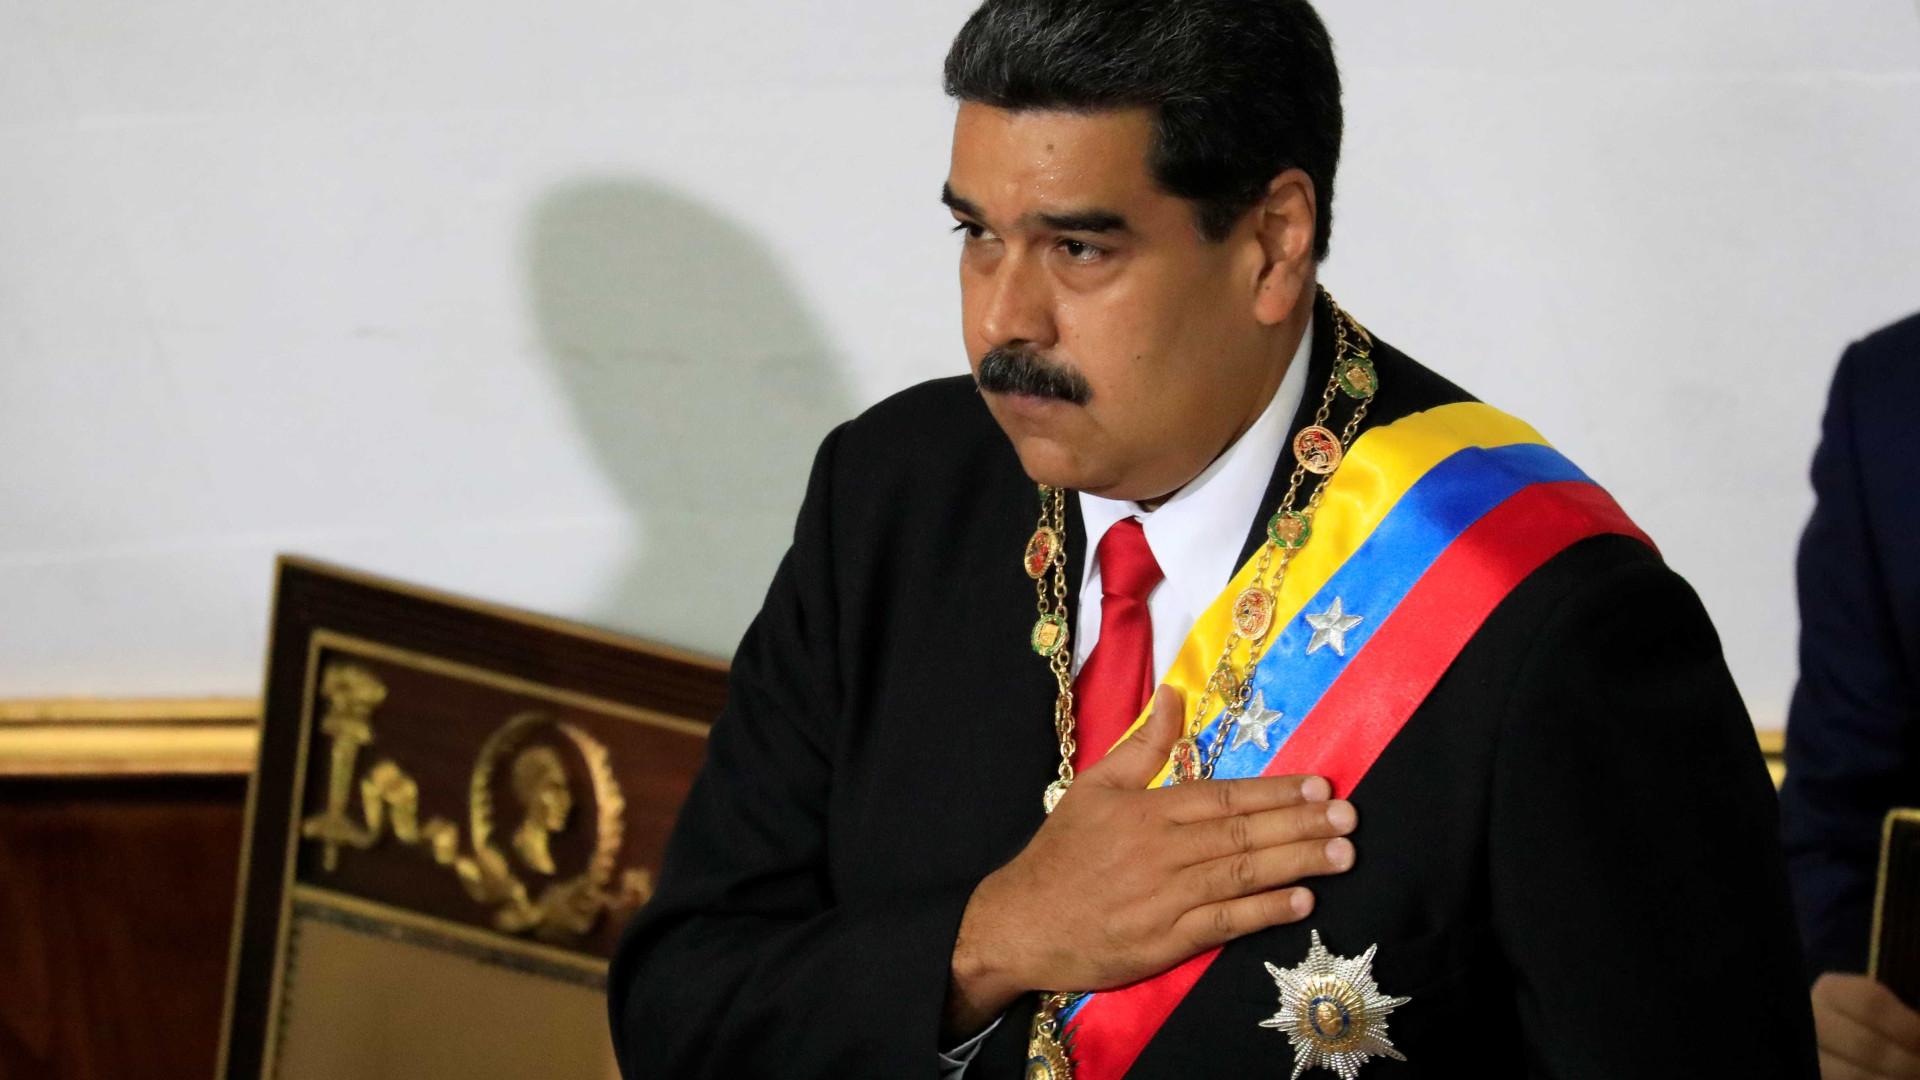 Novos protestos na Venezuela testam união da oposição contra Maduro